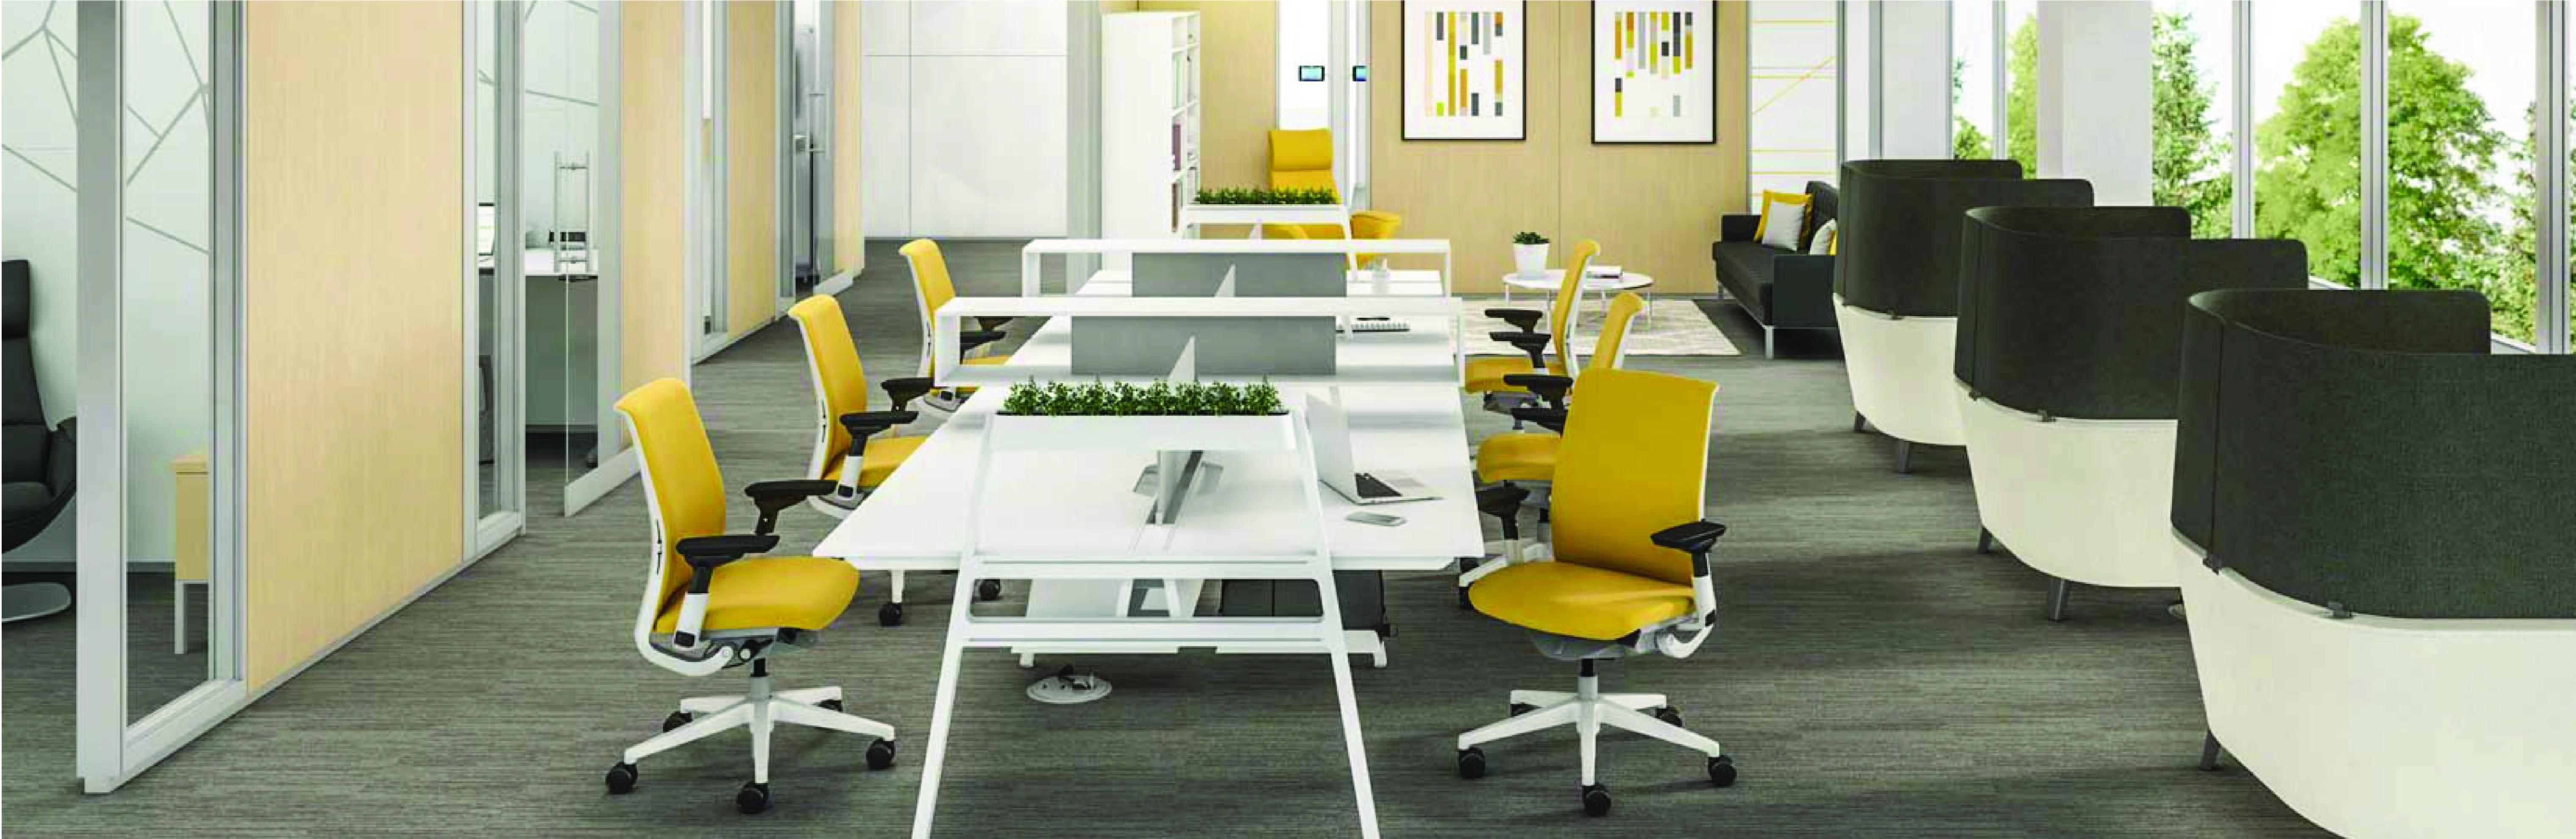 Work Cafe Workstations